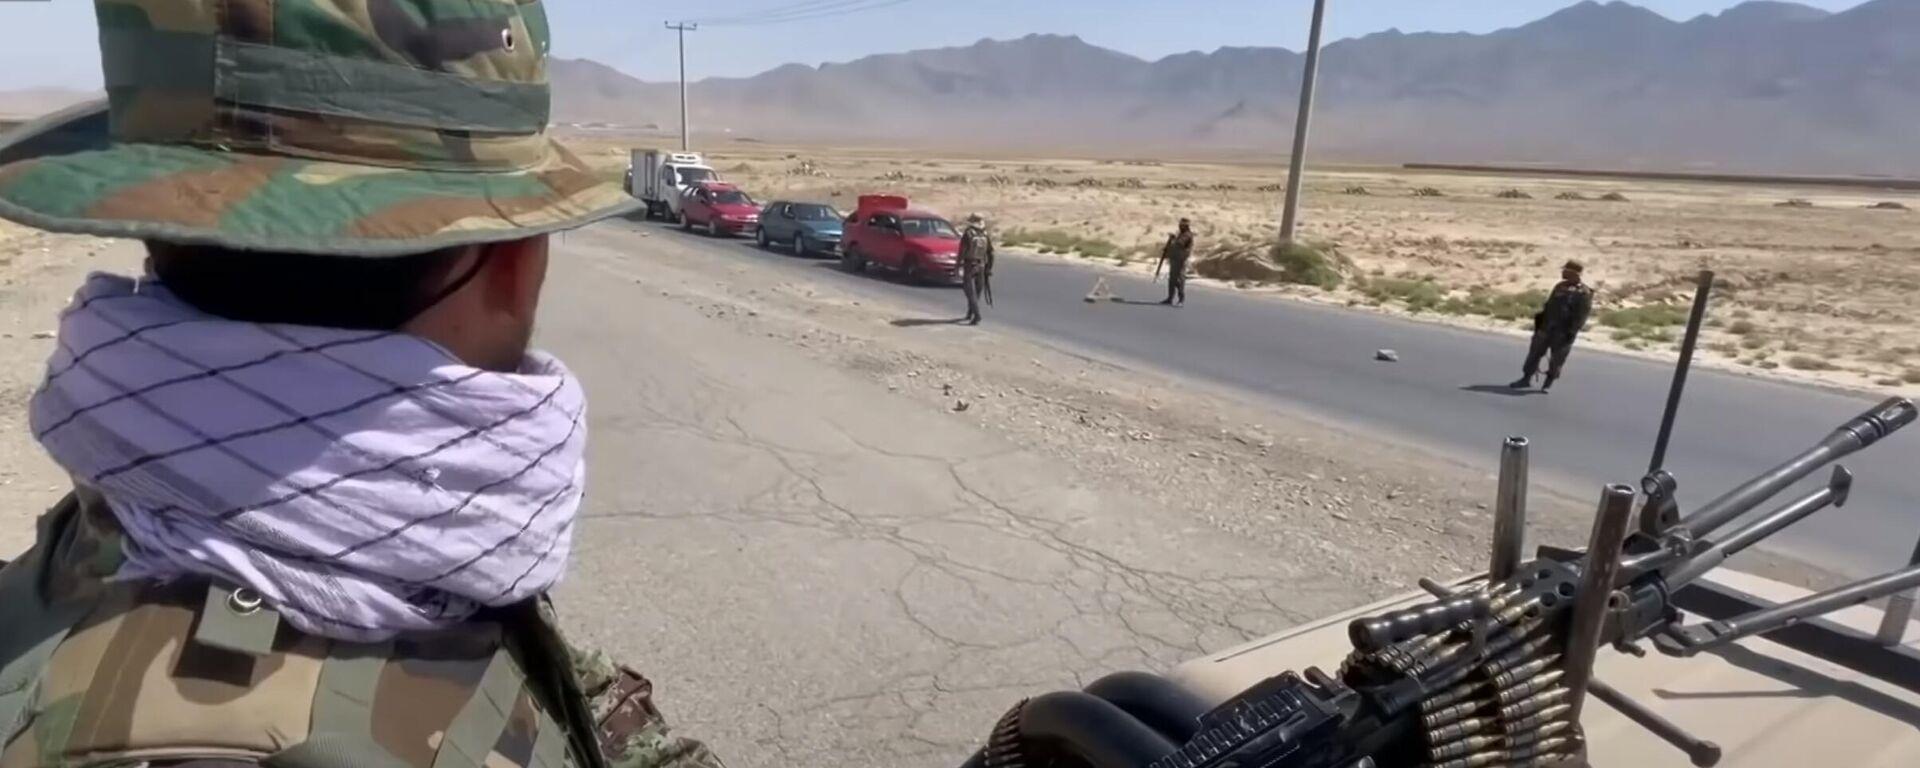 Афганистан в огне: захватят ли талибы Панджшерское ущелье и всю страну? - Sputnik Таджикистан, 1920, 09.07.2021